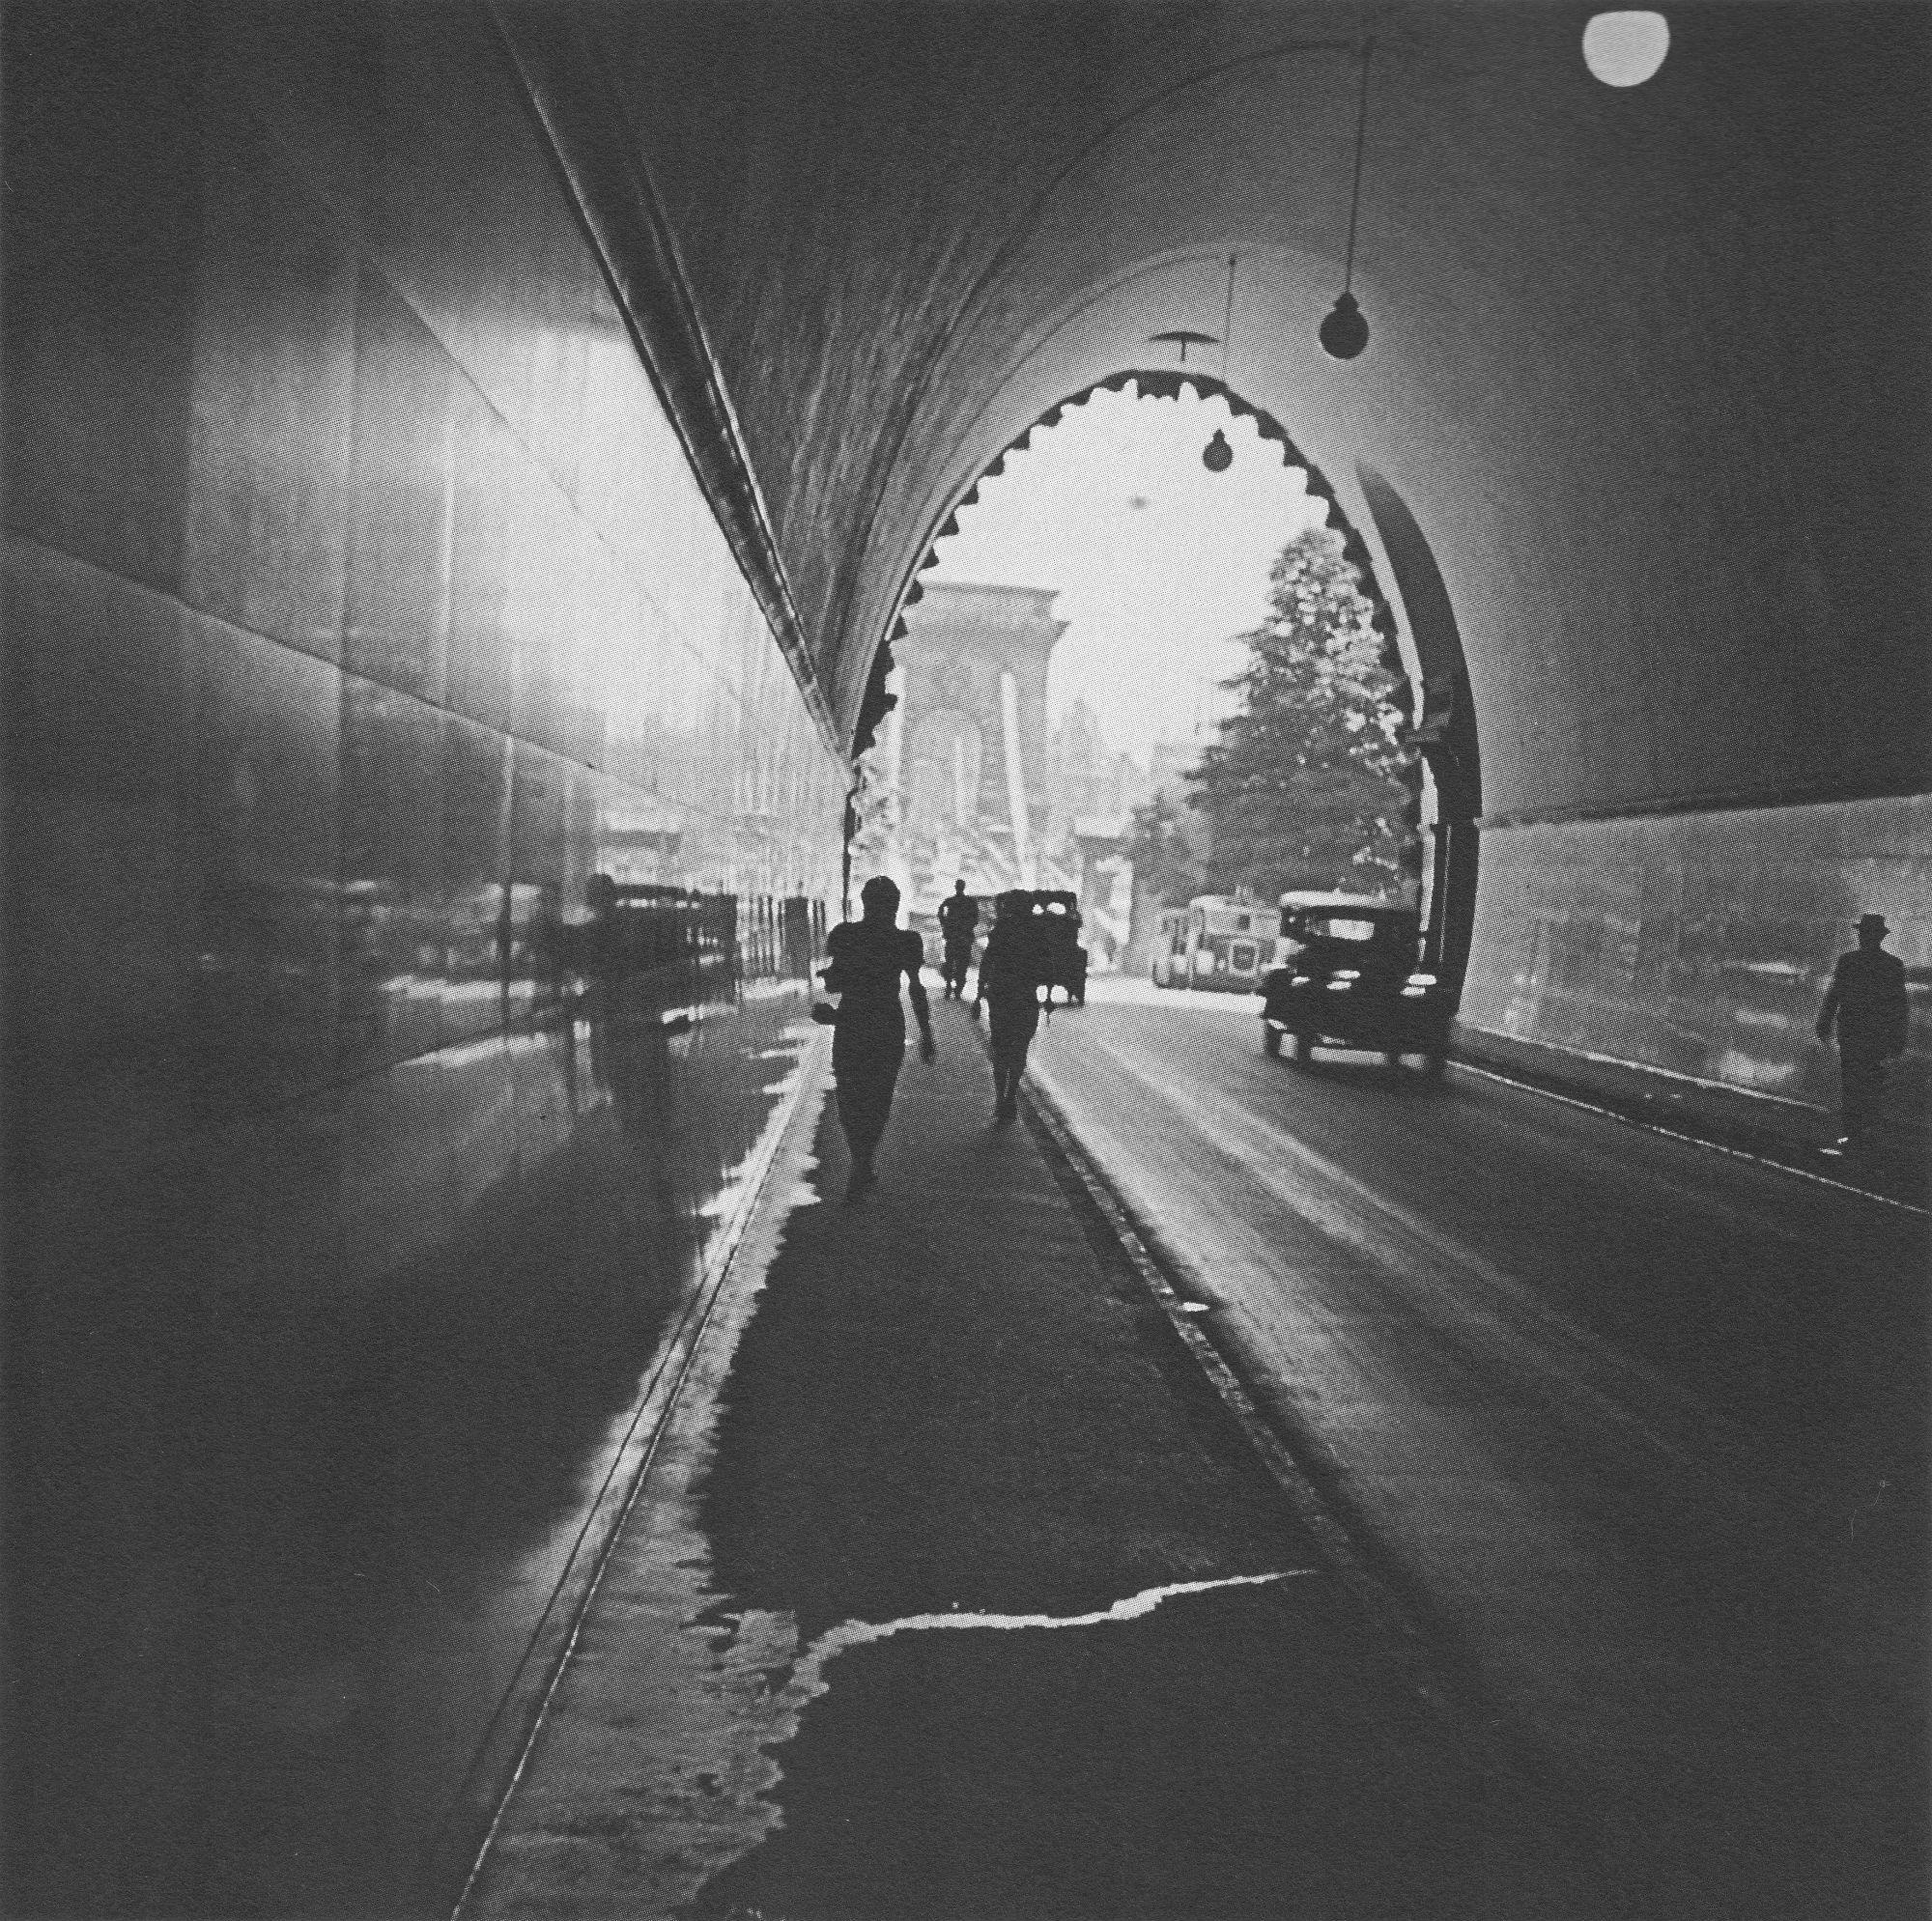 Fotó: Dulovits Jenő: A budai Alagútban, 1940-es évek © Fejér Zoltán gyűjteménye